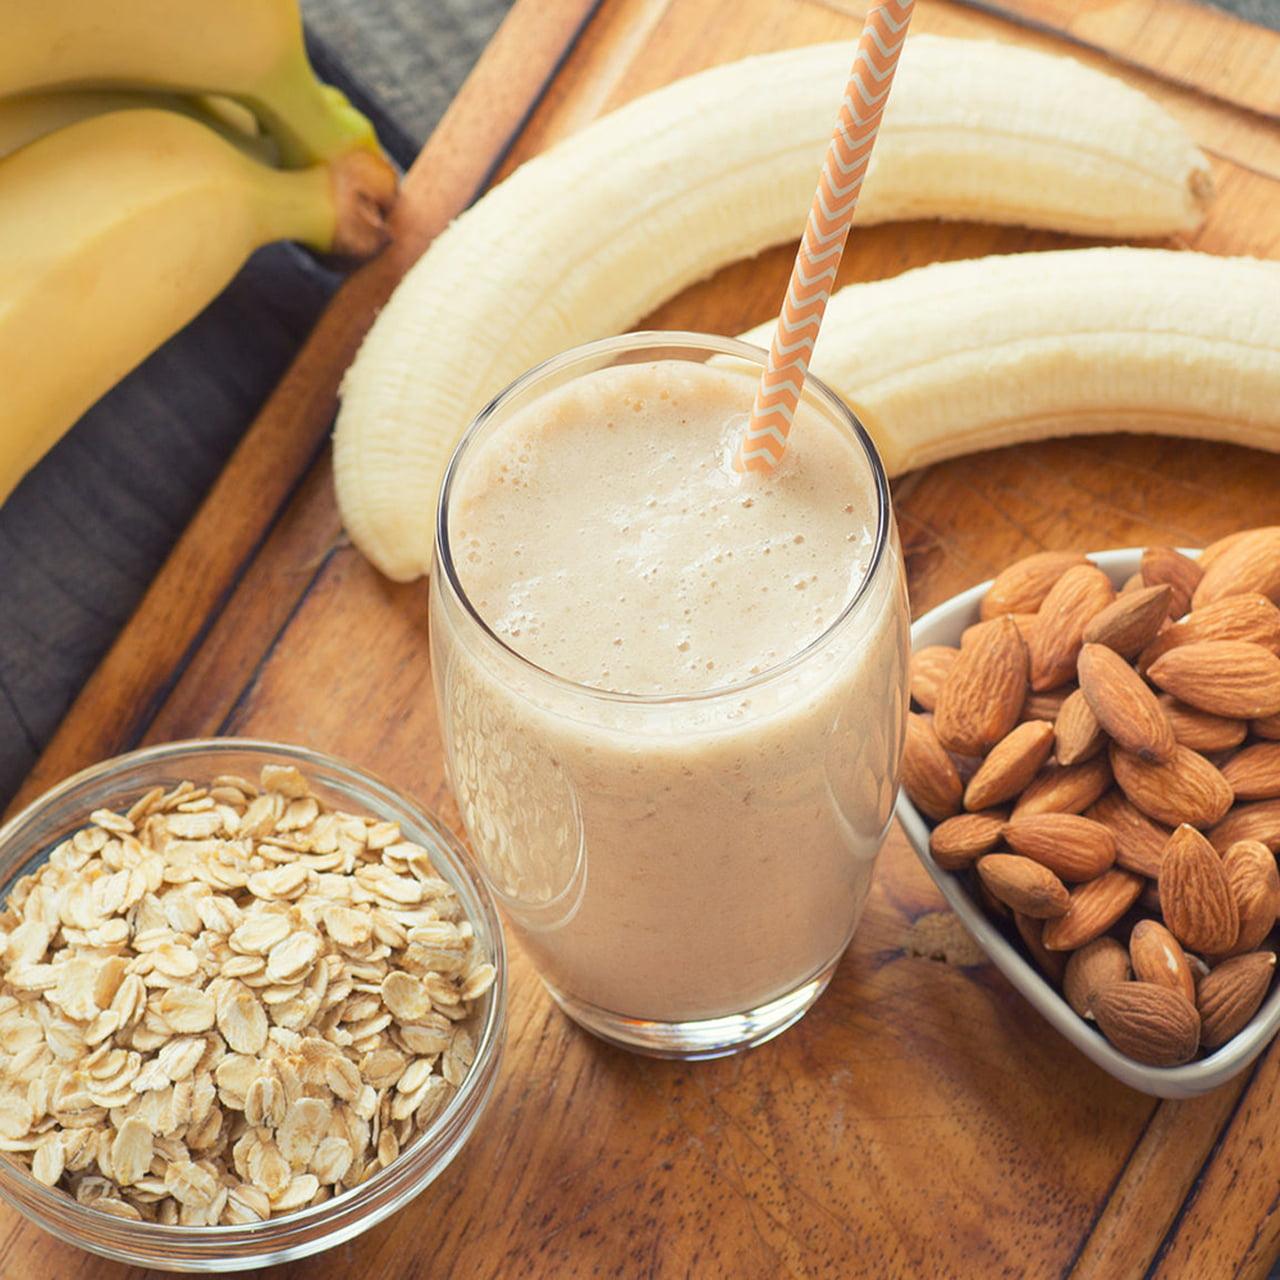 صورة فوائد الشوفان مع الحليب , هل تعلمى الفوائد العظيمه عند خلط الشوفان بالحليب